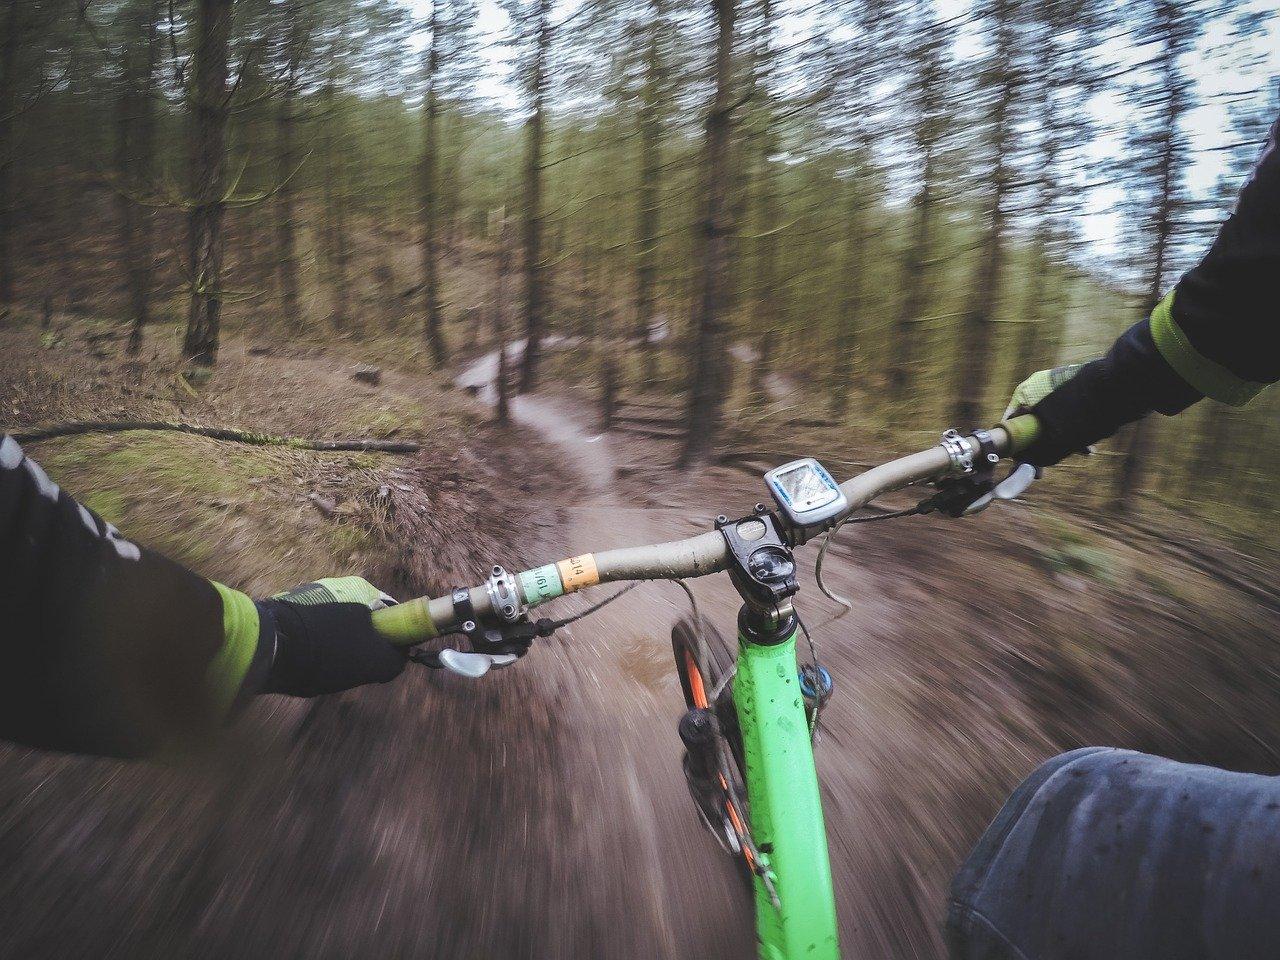 mountain biking, cycling, mountain bike